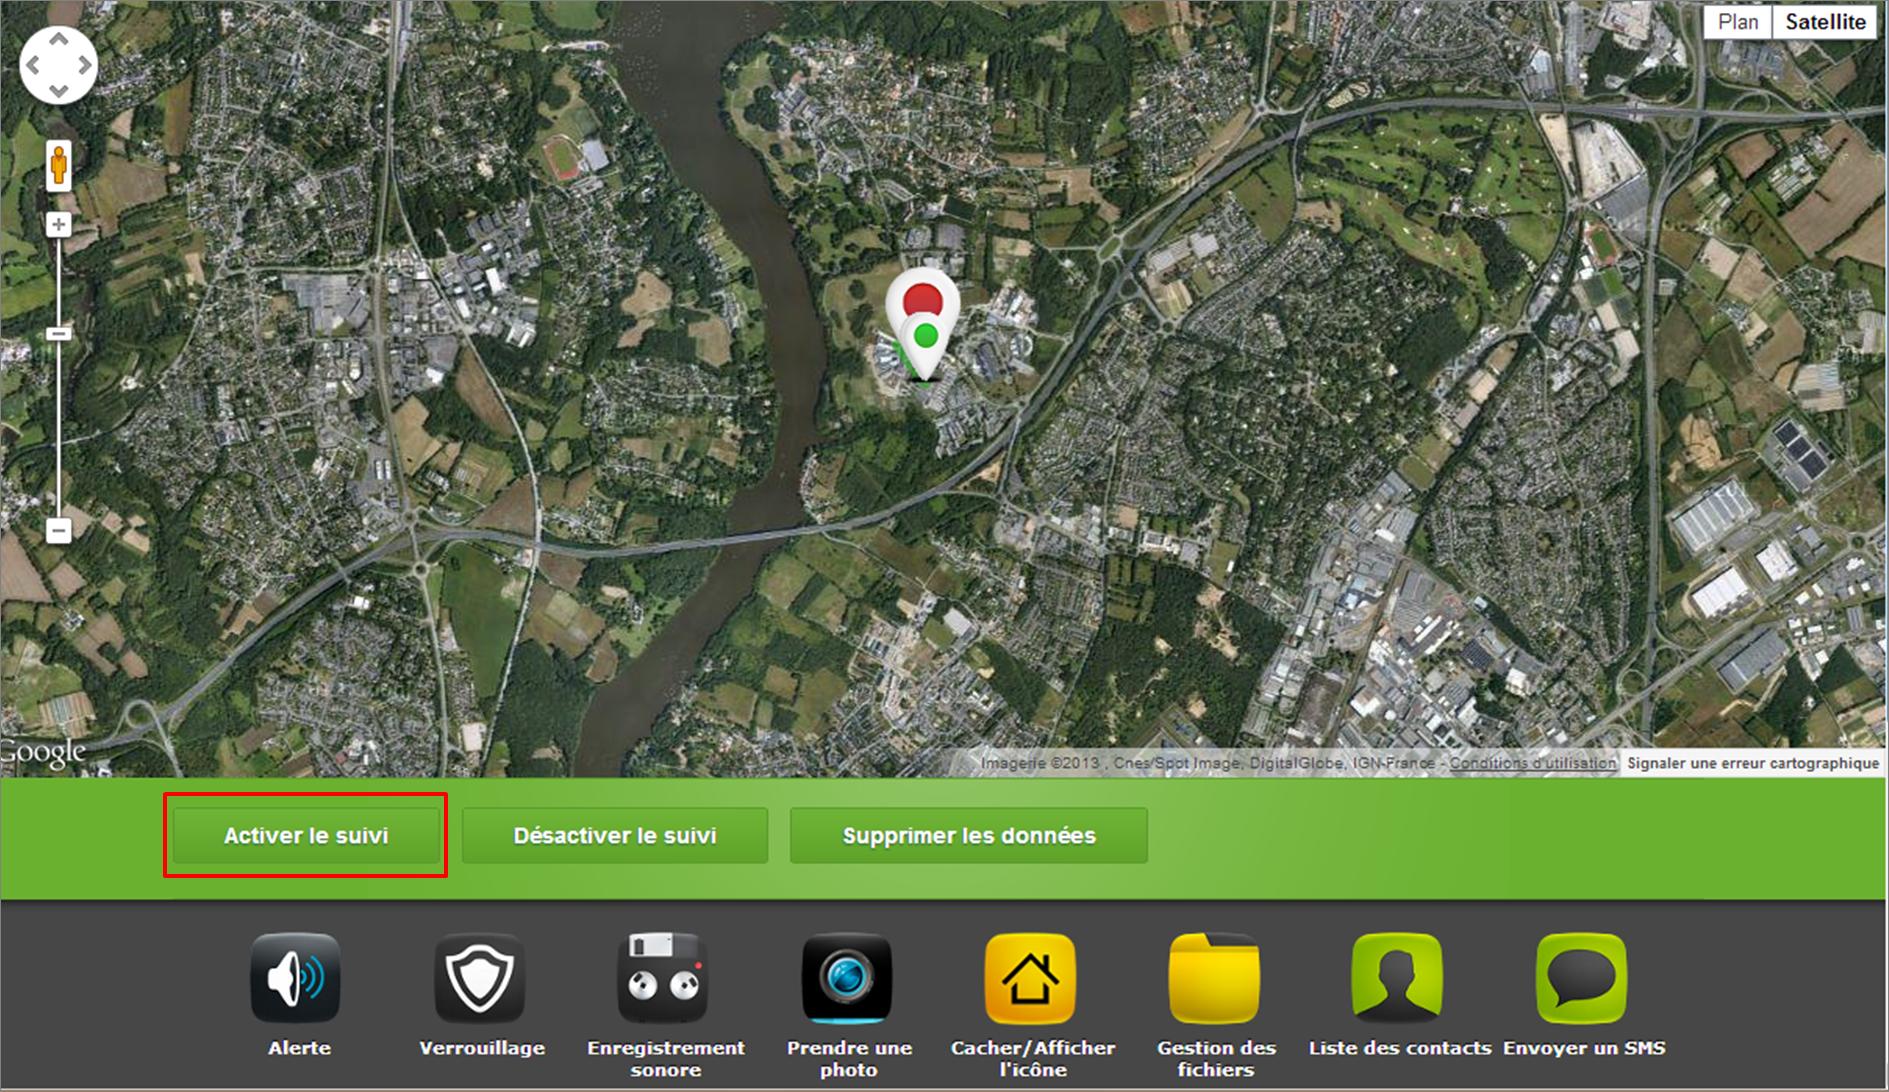 Déclencher la géolocalisation de votre mobile Android